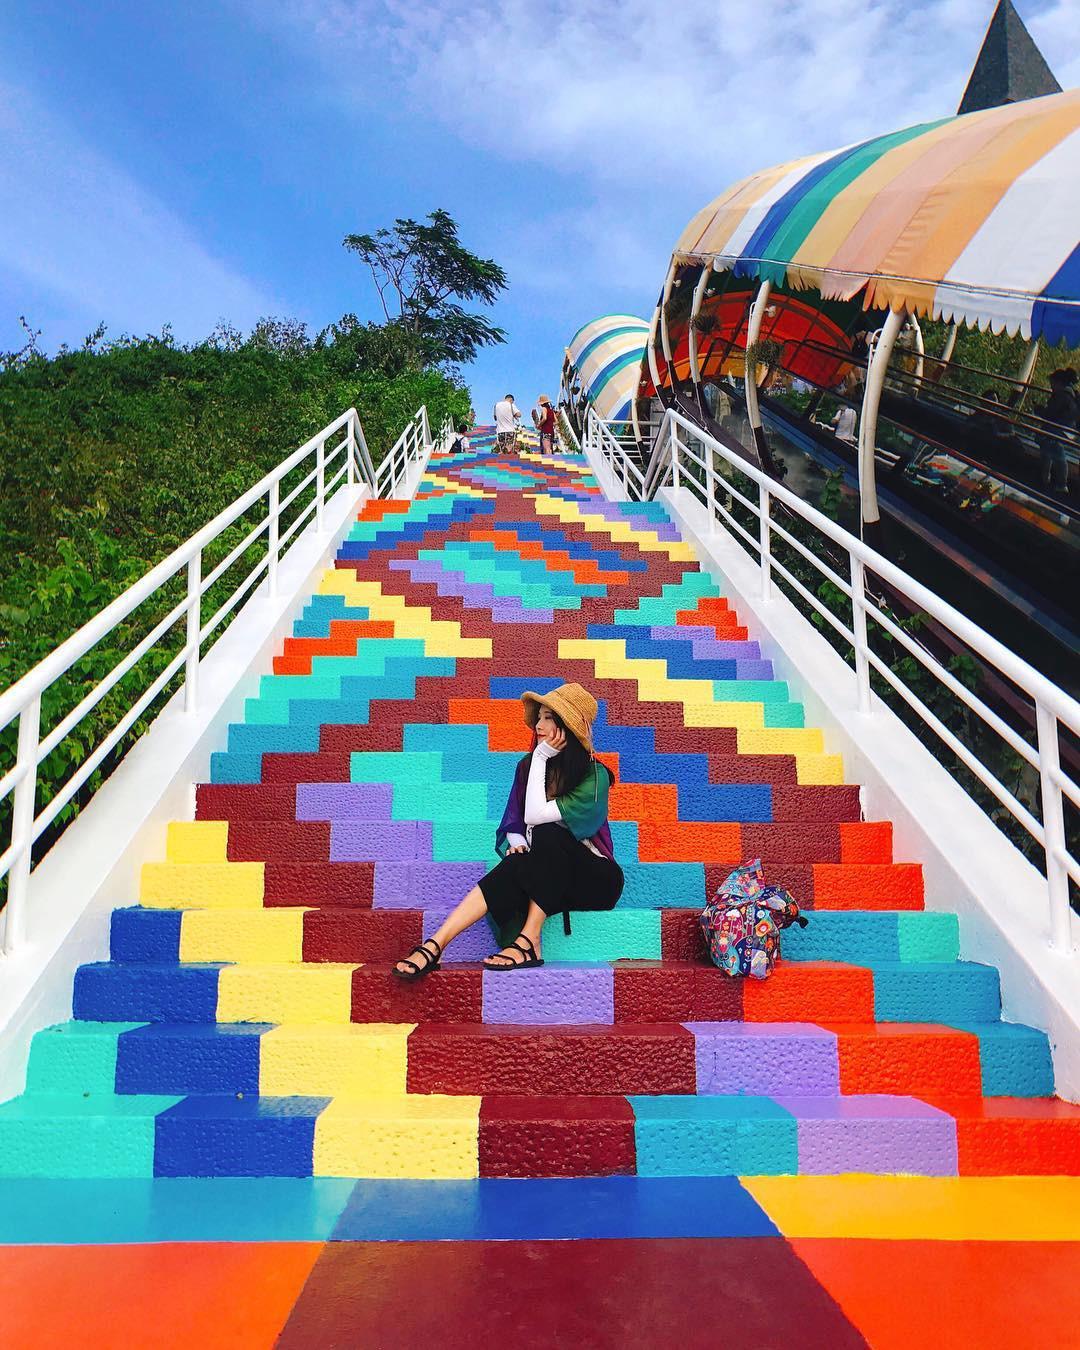 Phát hiện Nấc thang cầu vồng chụp ảnh siêu ảo diệu ở Nha Trang - Ảnh 1.